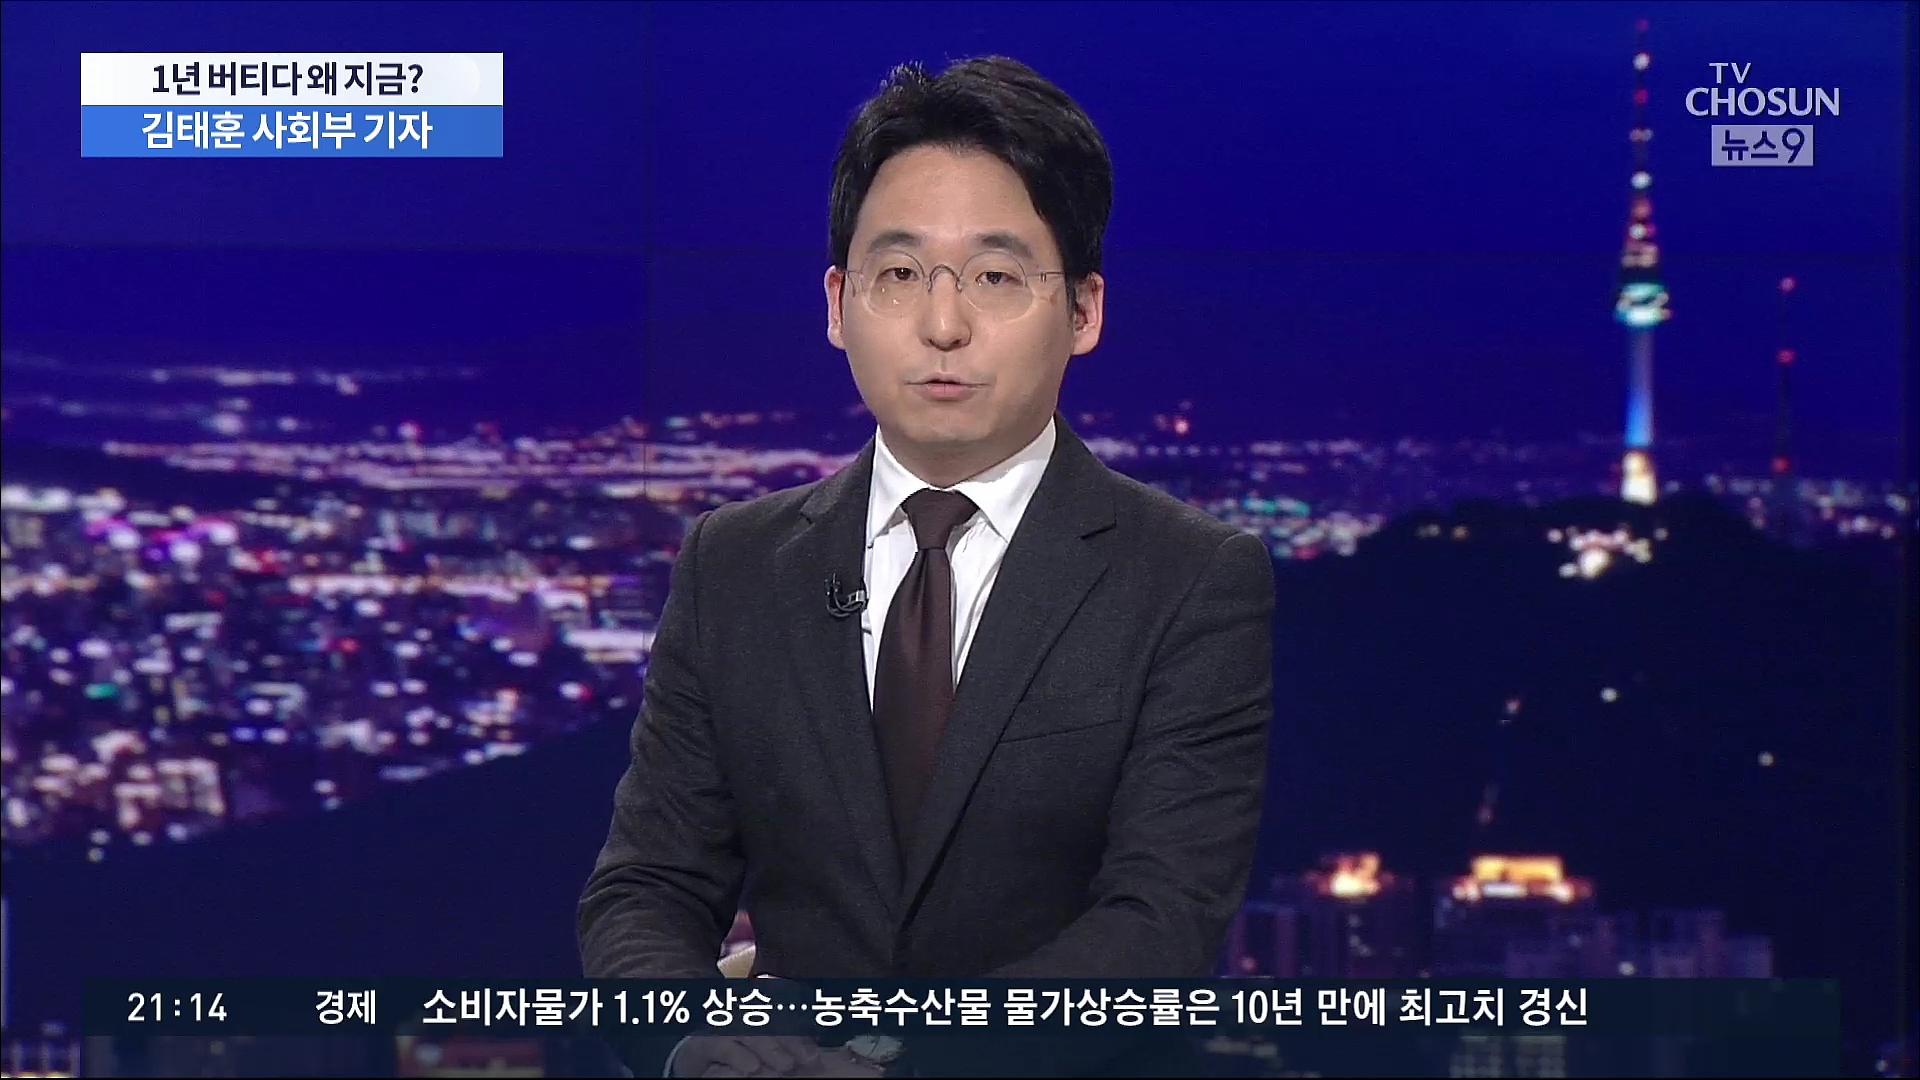 사퇴 택한 윤석열, 최근 행보에 '복선' 있었나